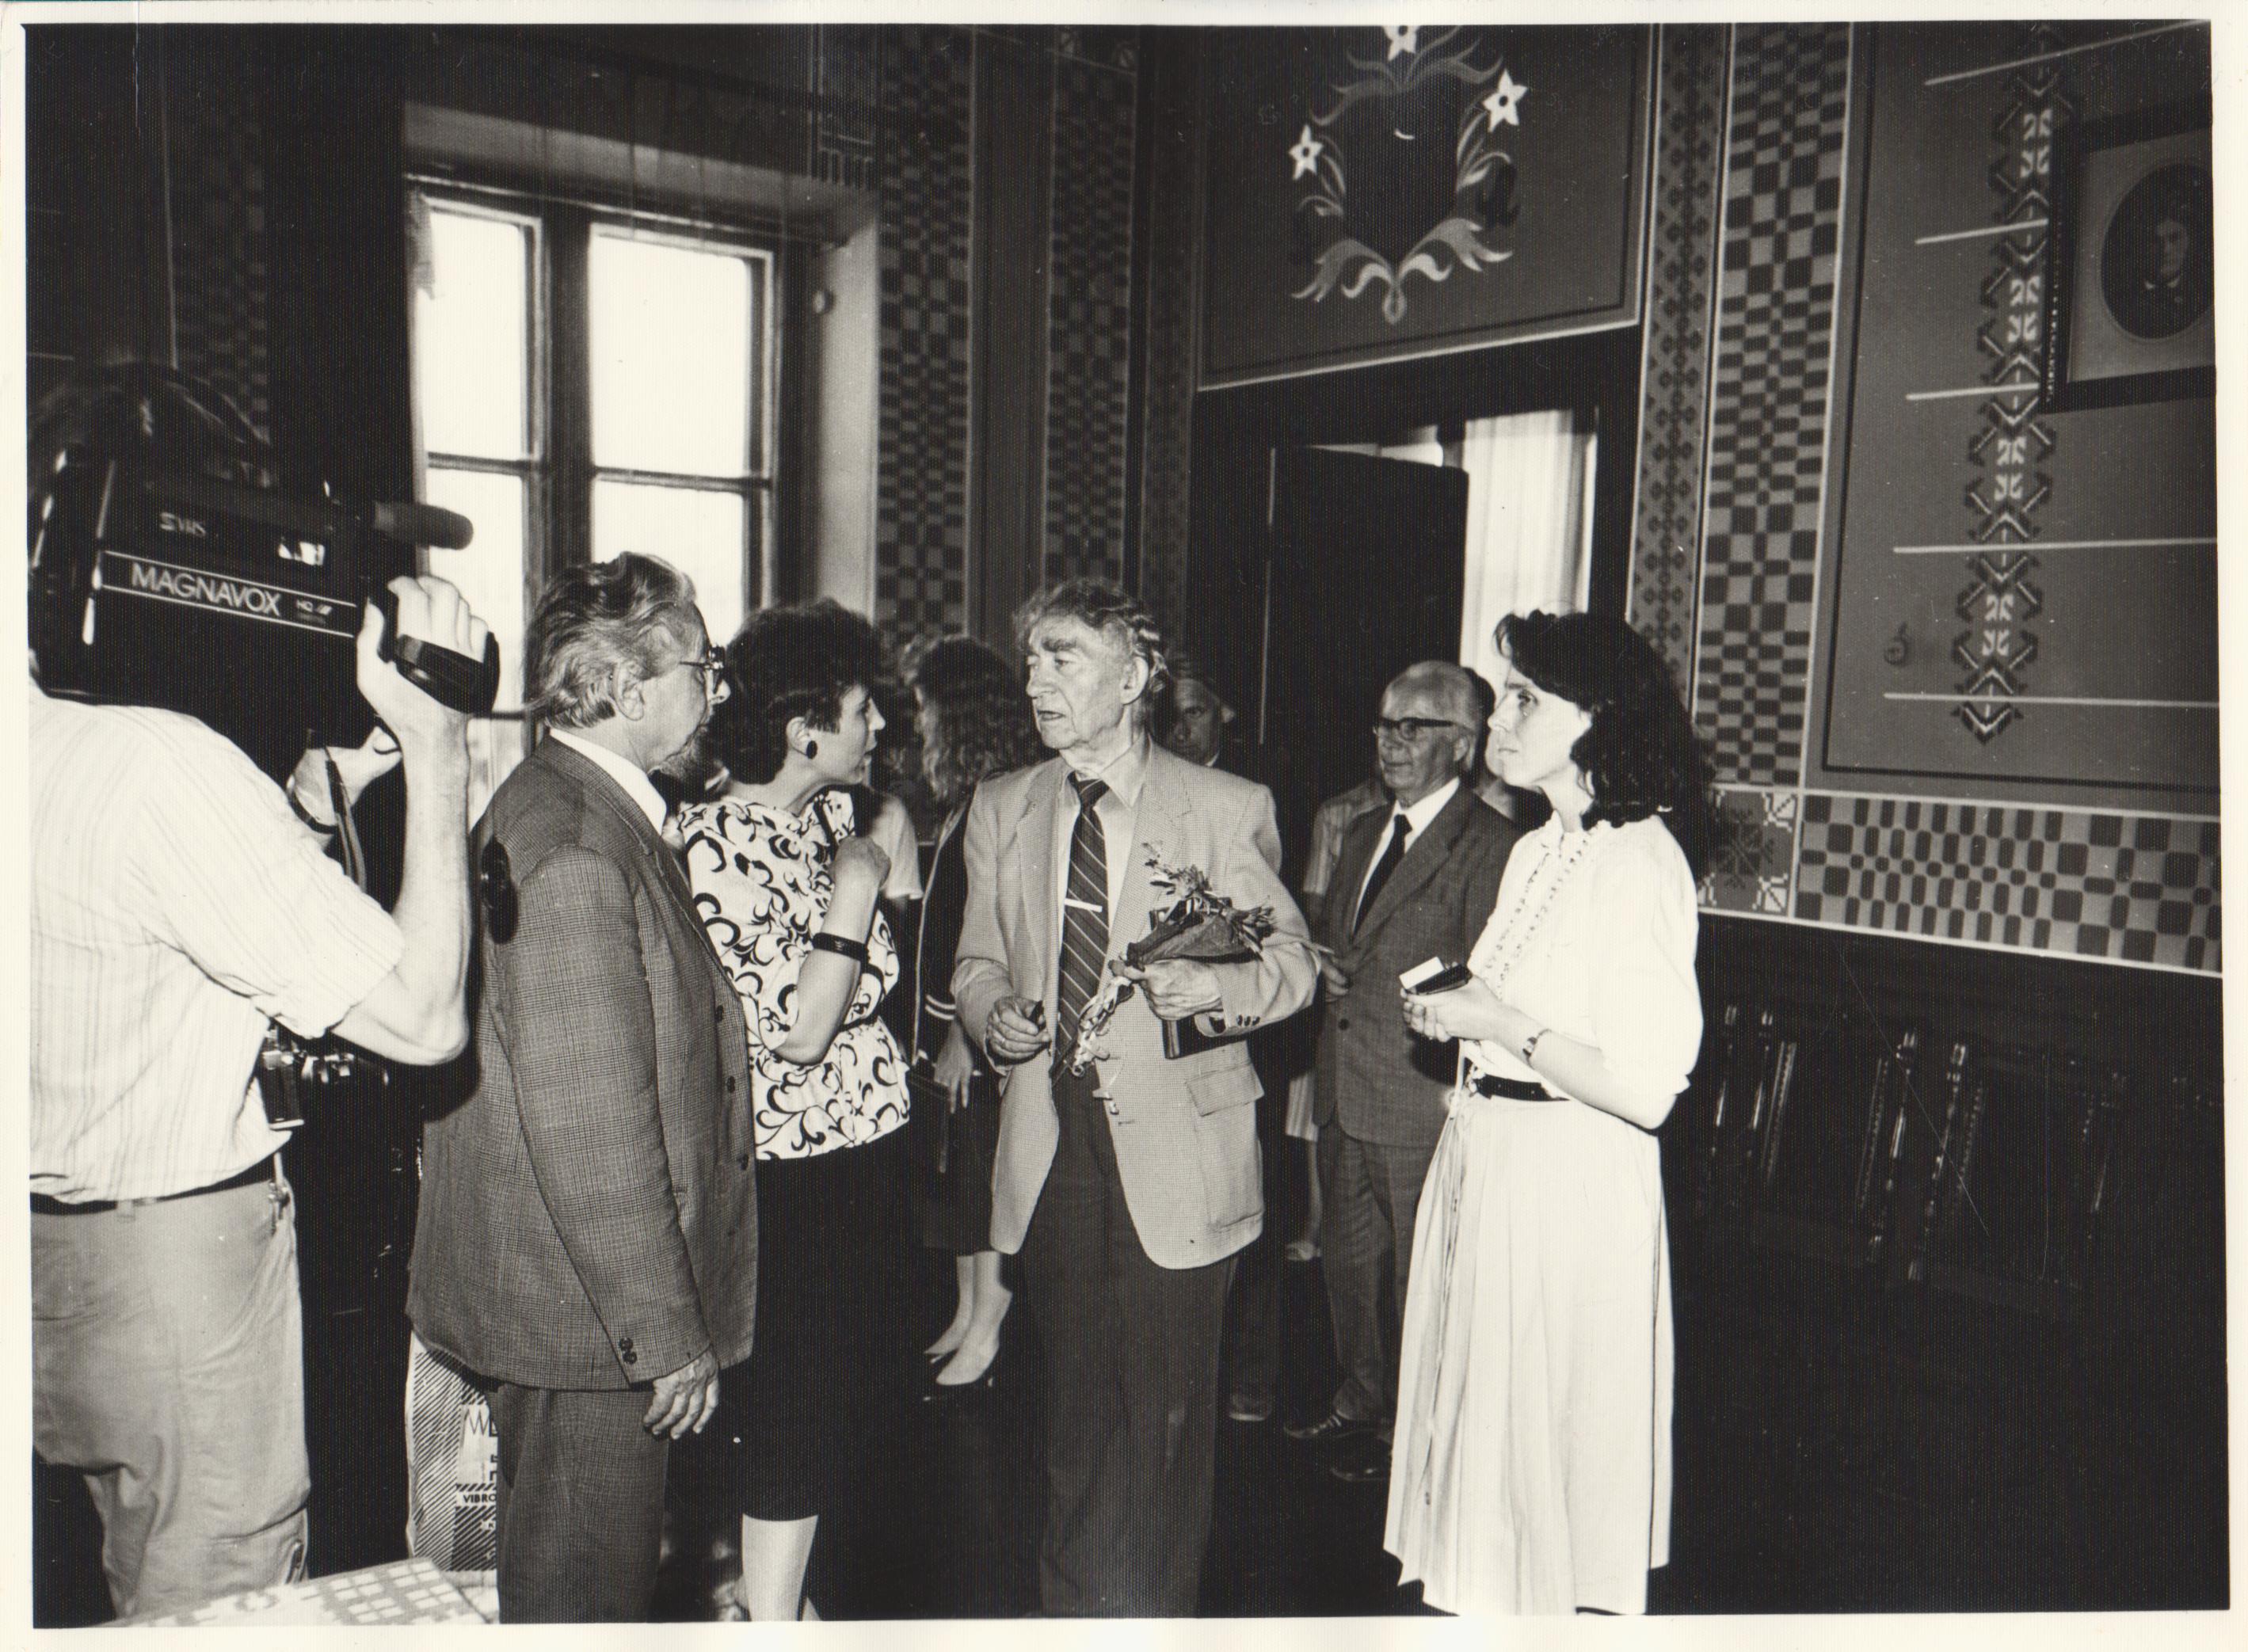 B. Brazdžionis Maironio lietuvių literatūros muziejuje. 1989 m. Iš kairės: L. Narbutas, A. Ruseckaitė, B. Brazdžionis, D. Kuizinienė